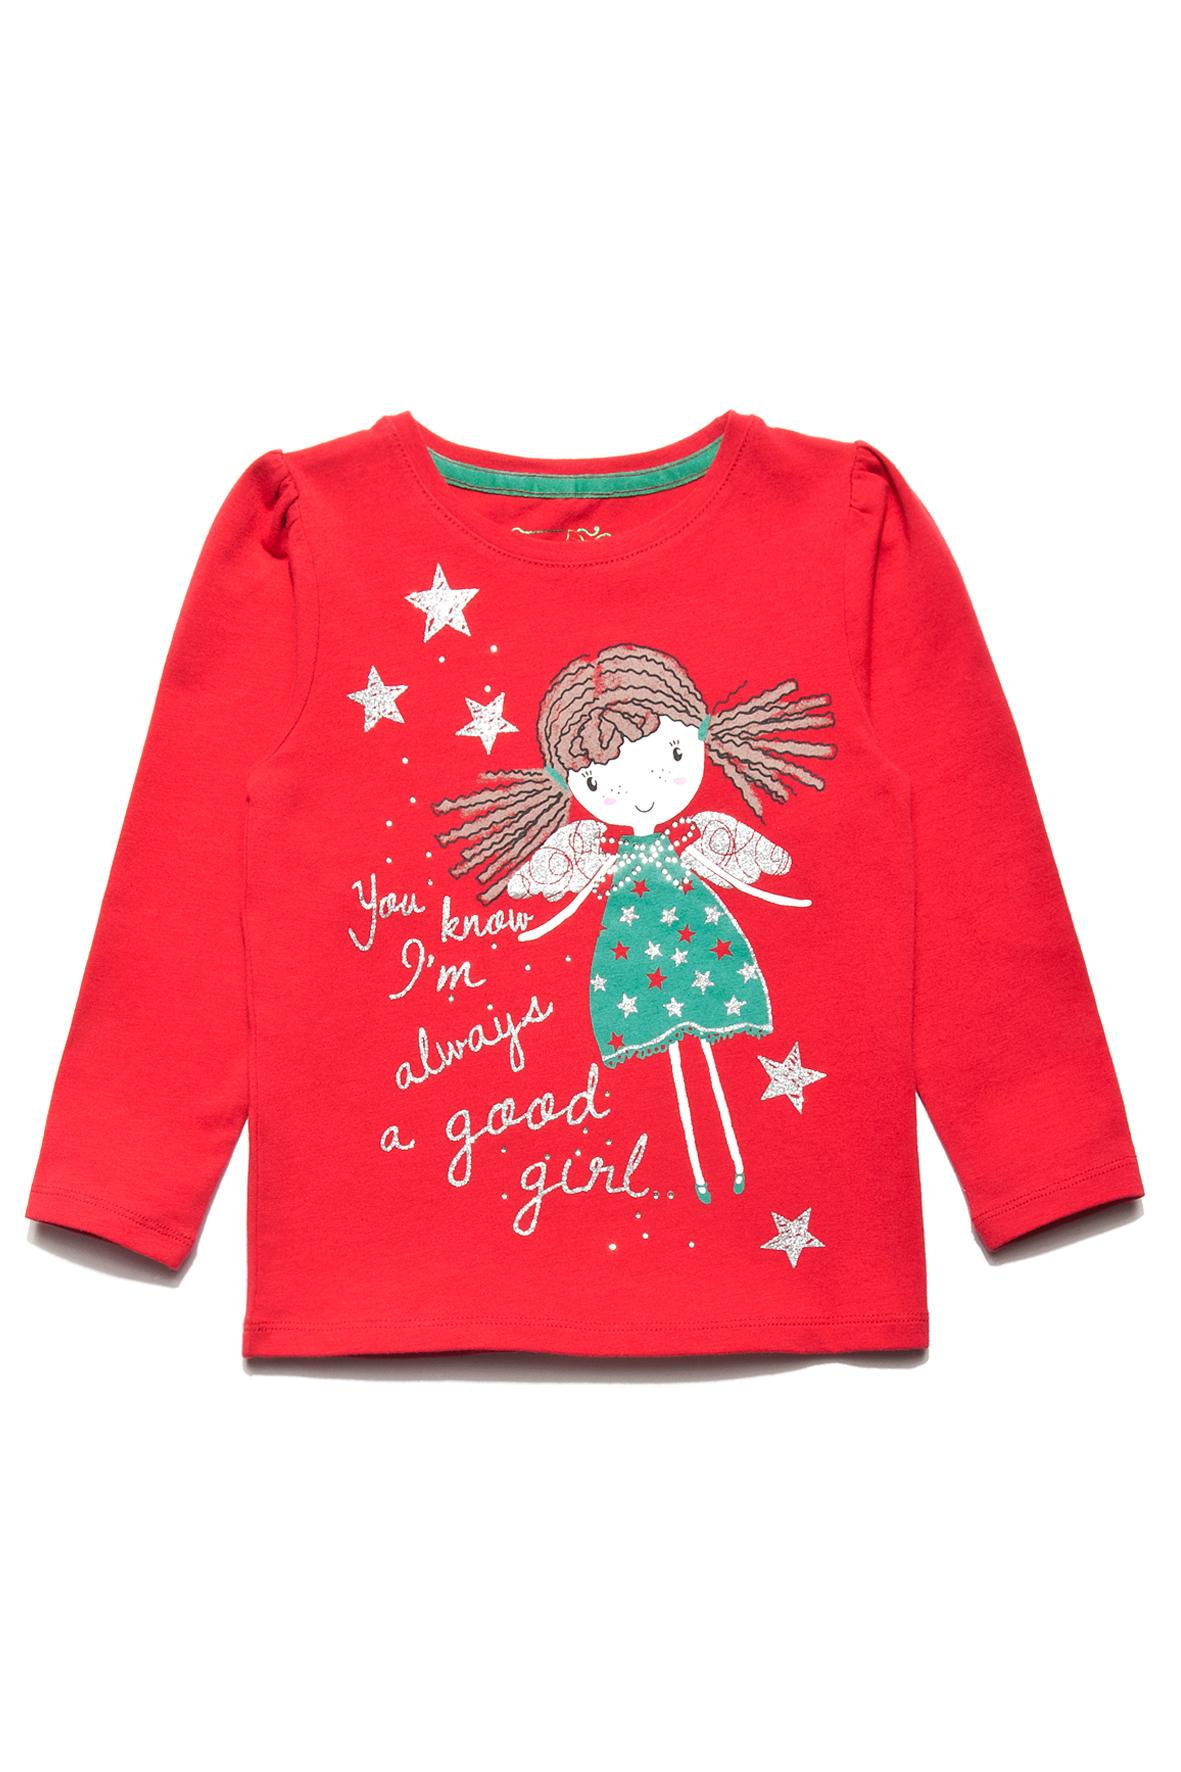 Bluzka dziewczęca z nadrukiem (źródło: www.51015kids.eu)